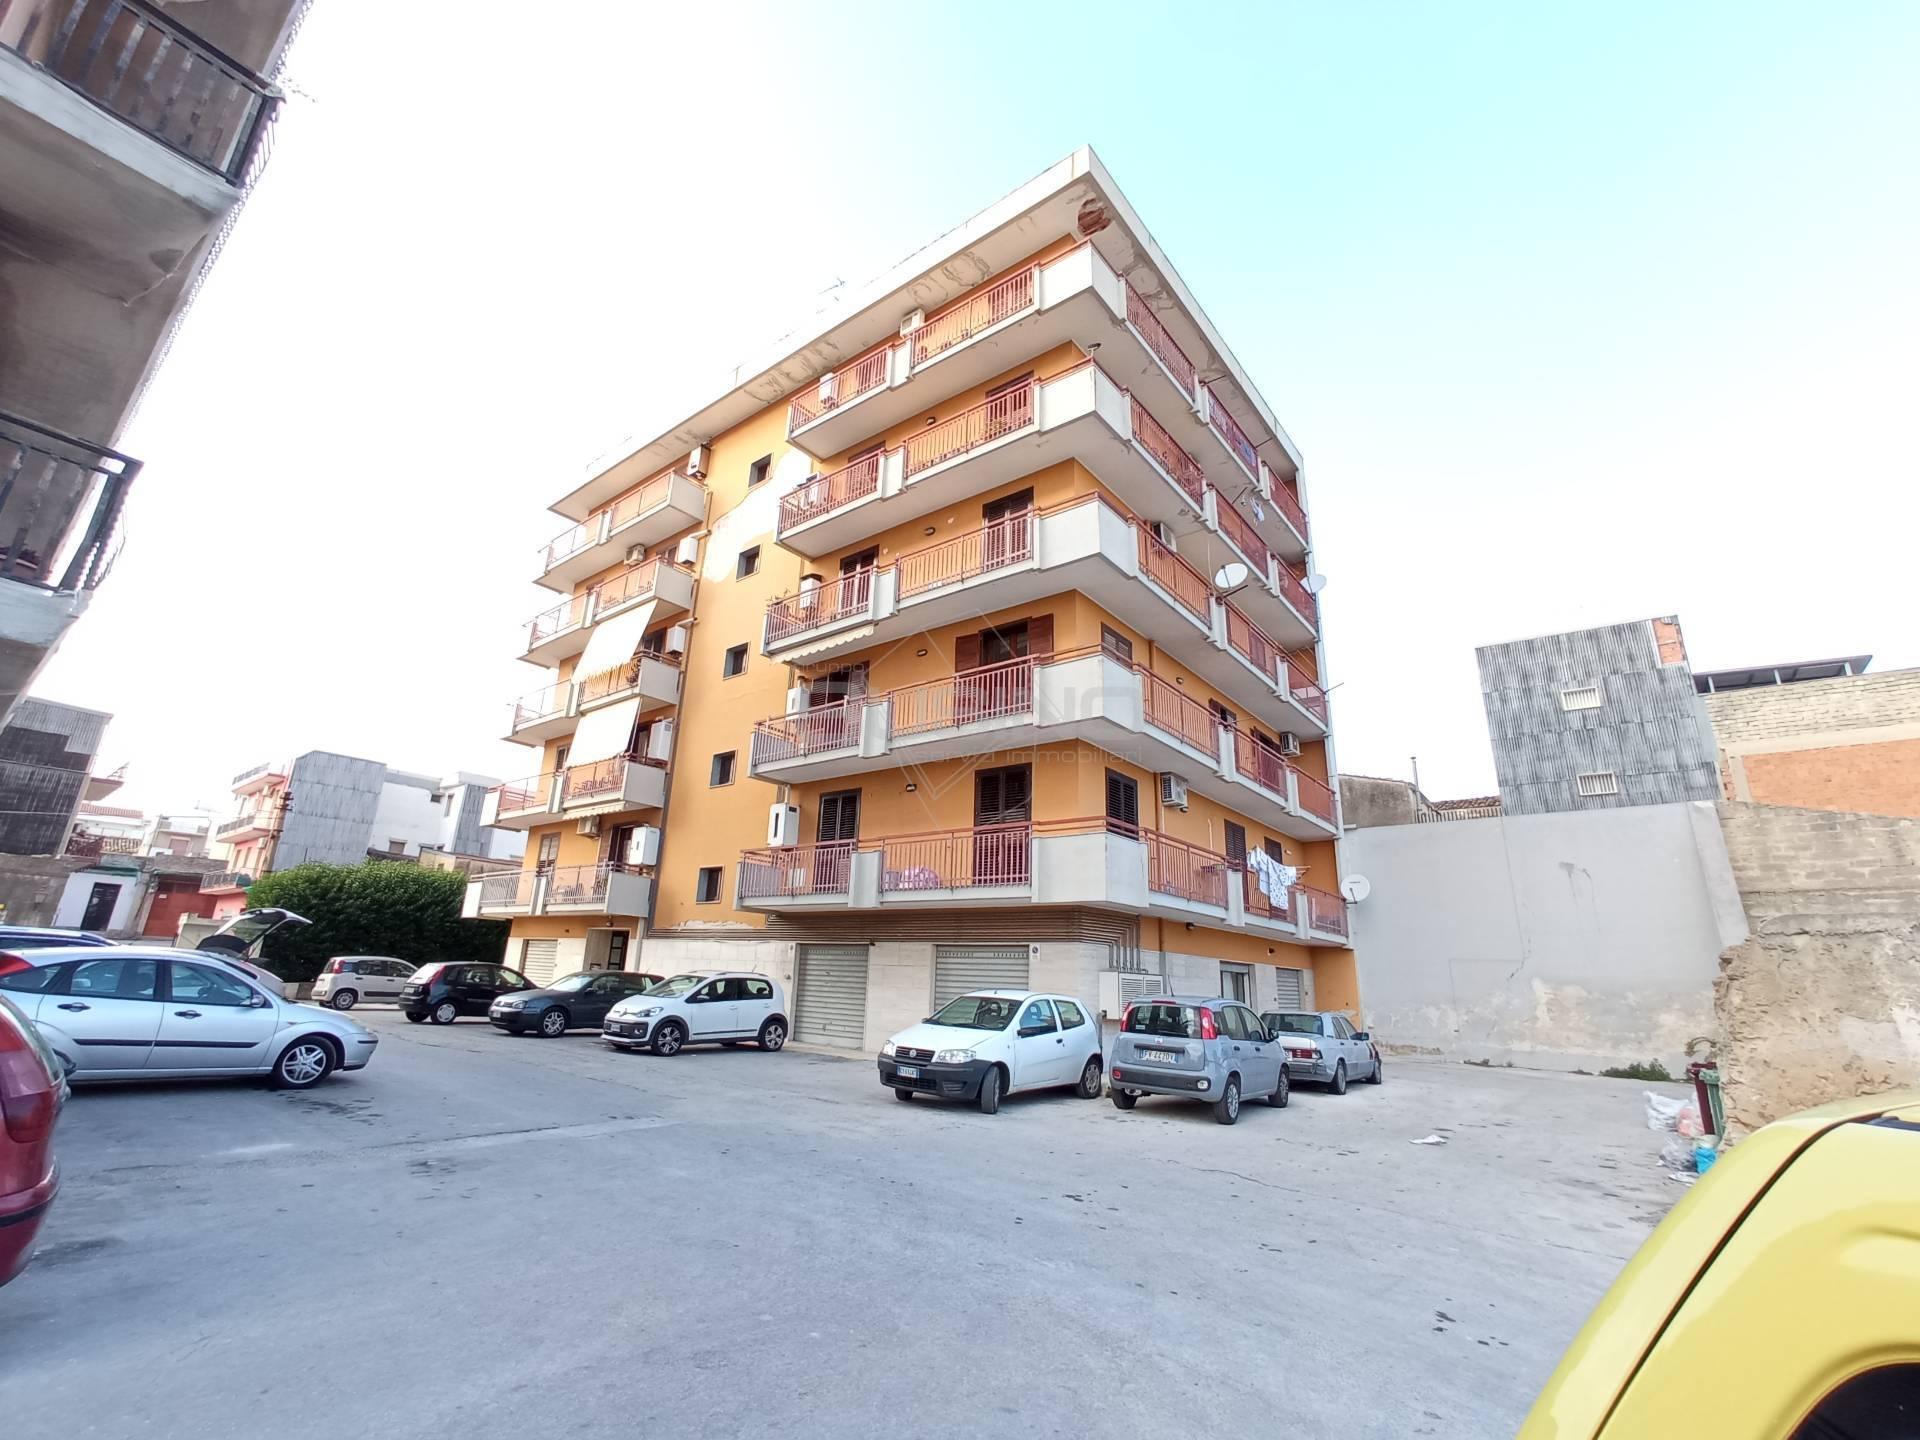 Appartamento in vendita a Floridia, 5 locali, prezzo € 88.000 | CambioCasa.it